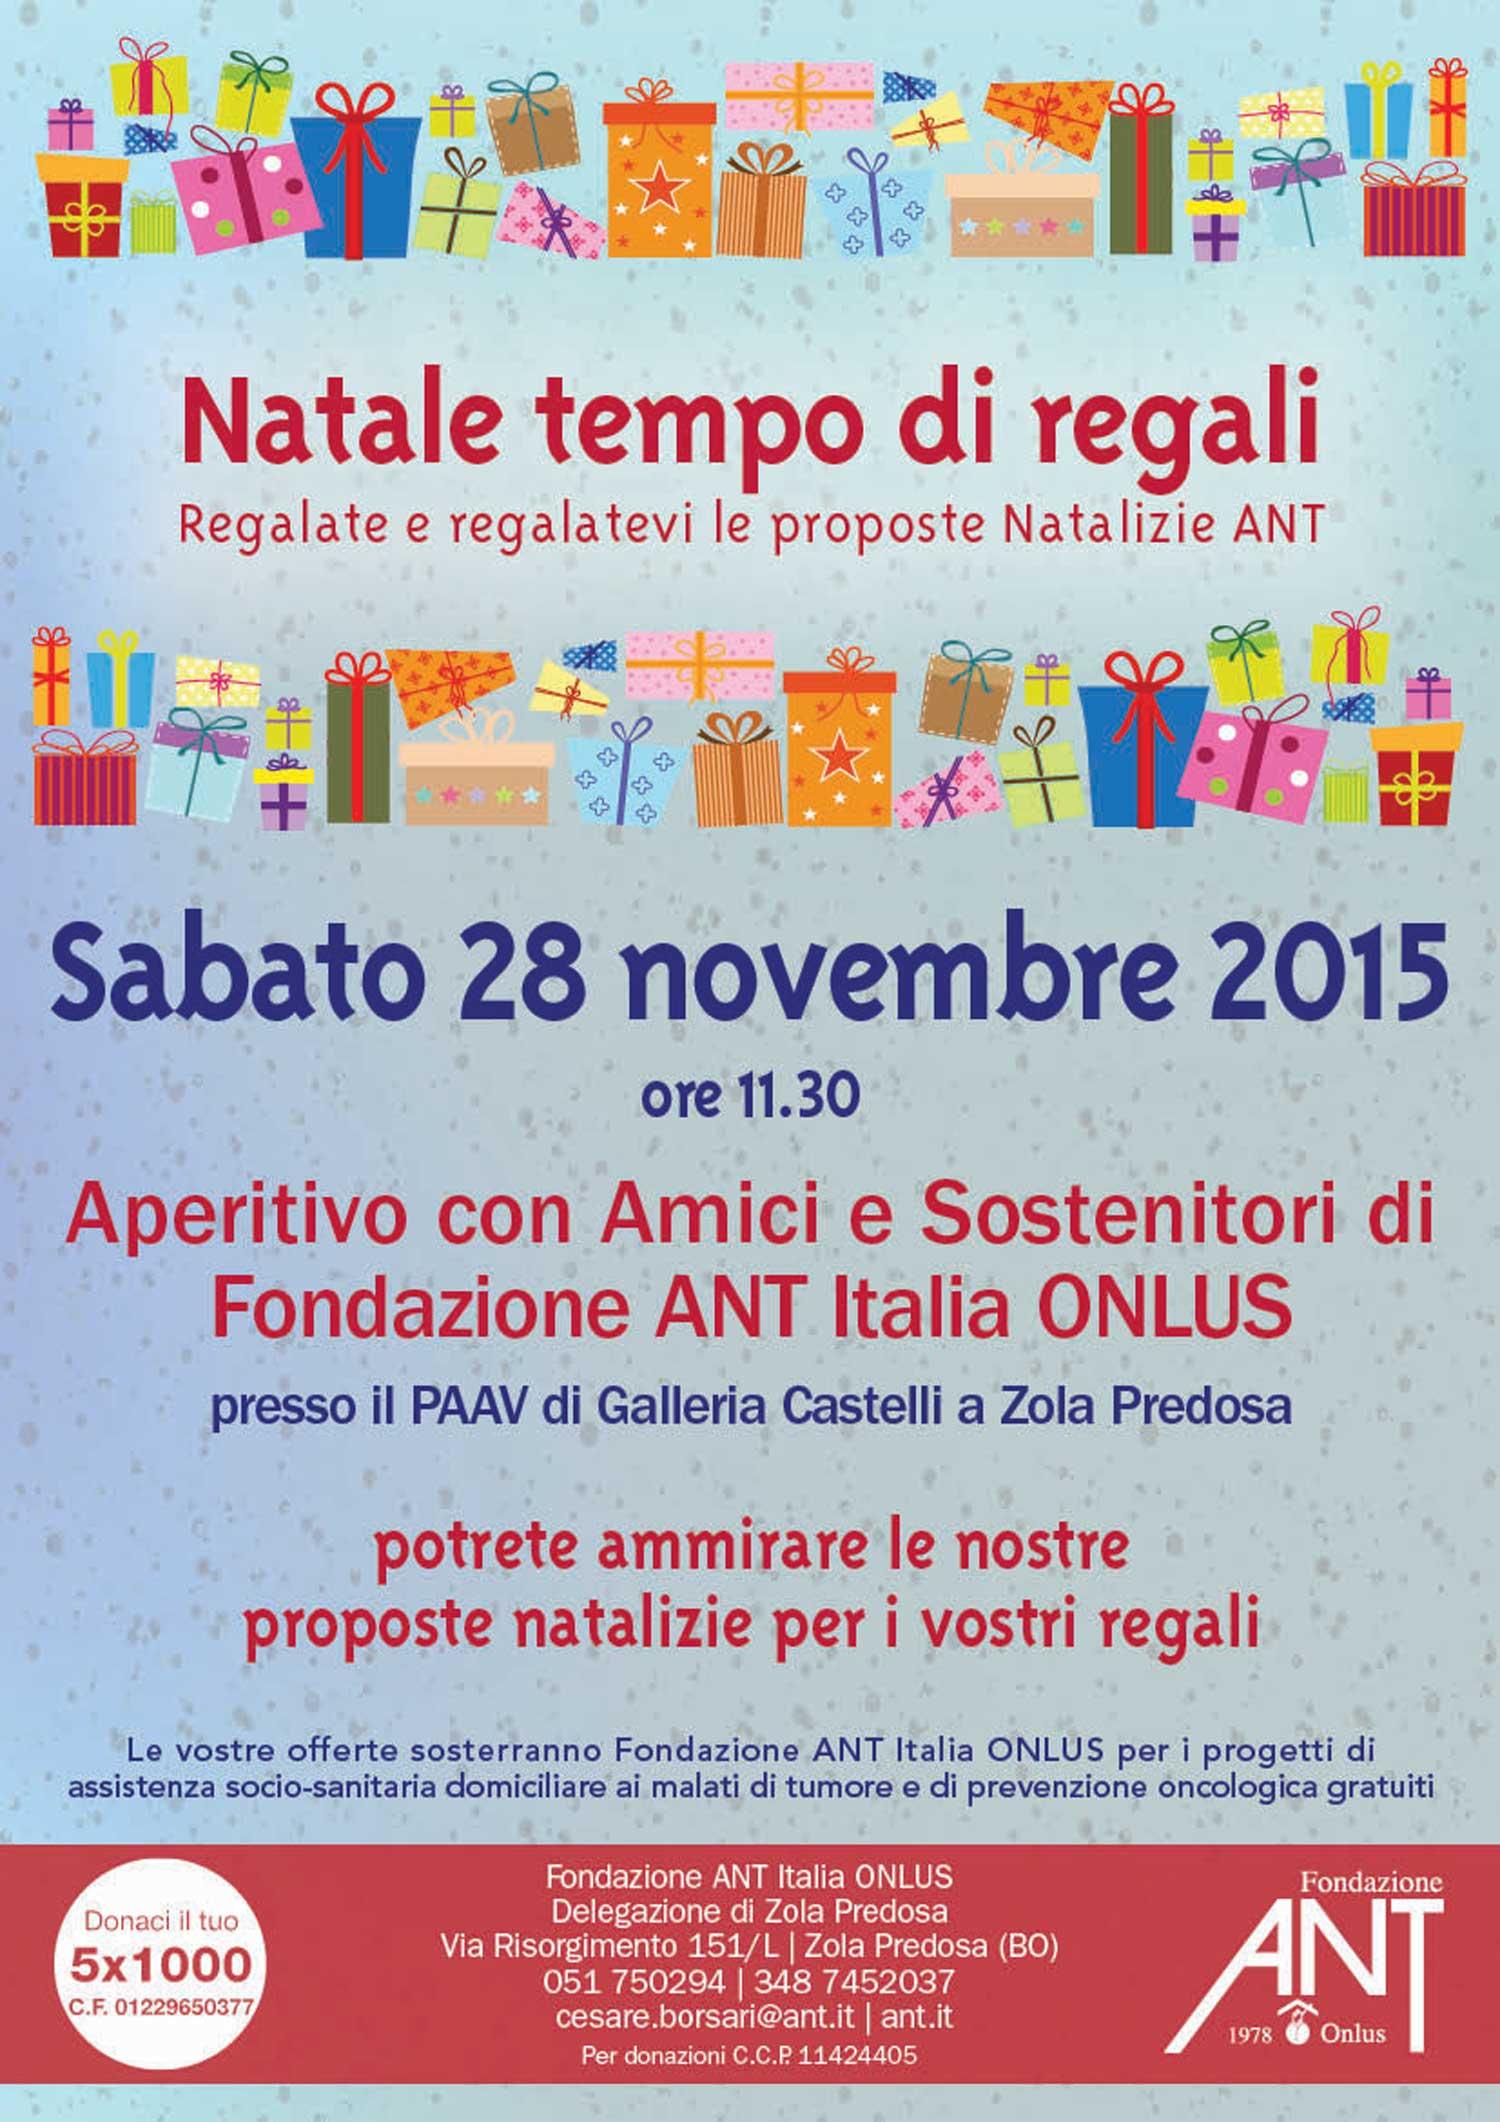 Regali Di Natale Onlus.Natale Tempo Di Regali Fondazione Ant Italia Onlus